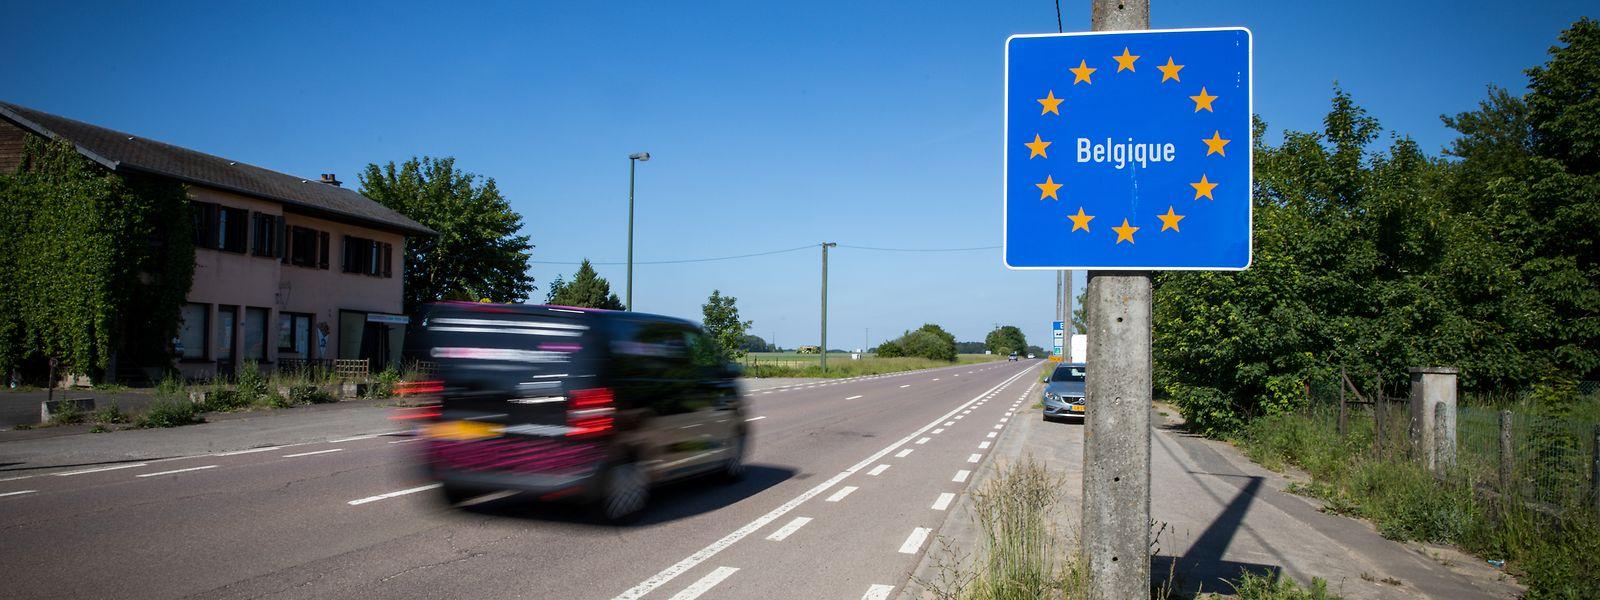 Puisque priés de ne plus franchir la frontière avec le Luxembourg pour raison sanitaire, les frontaliers belges peuvent désormais rester en télétravail jusqu'au 31 mars 2021.